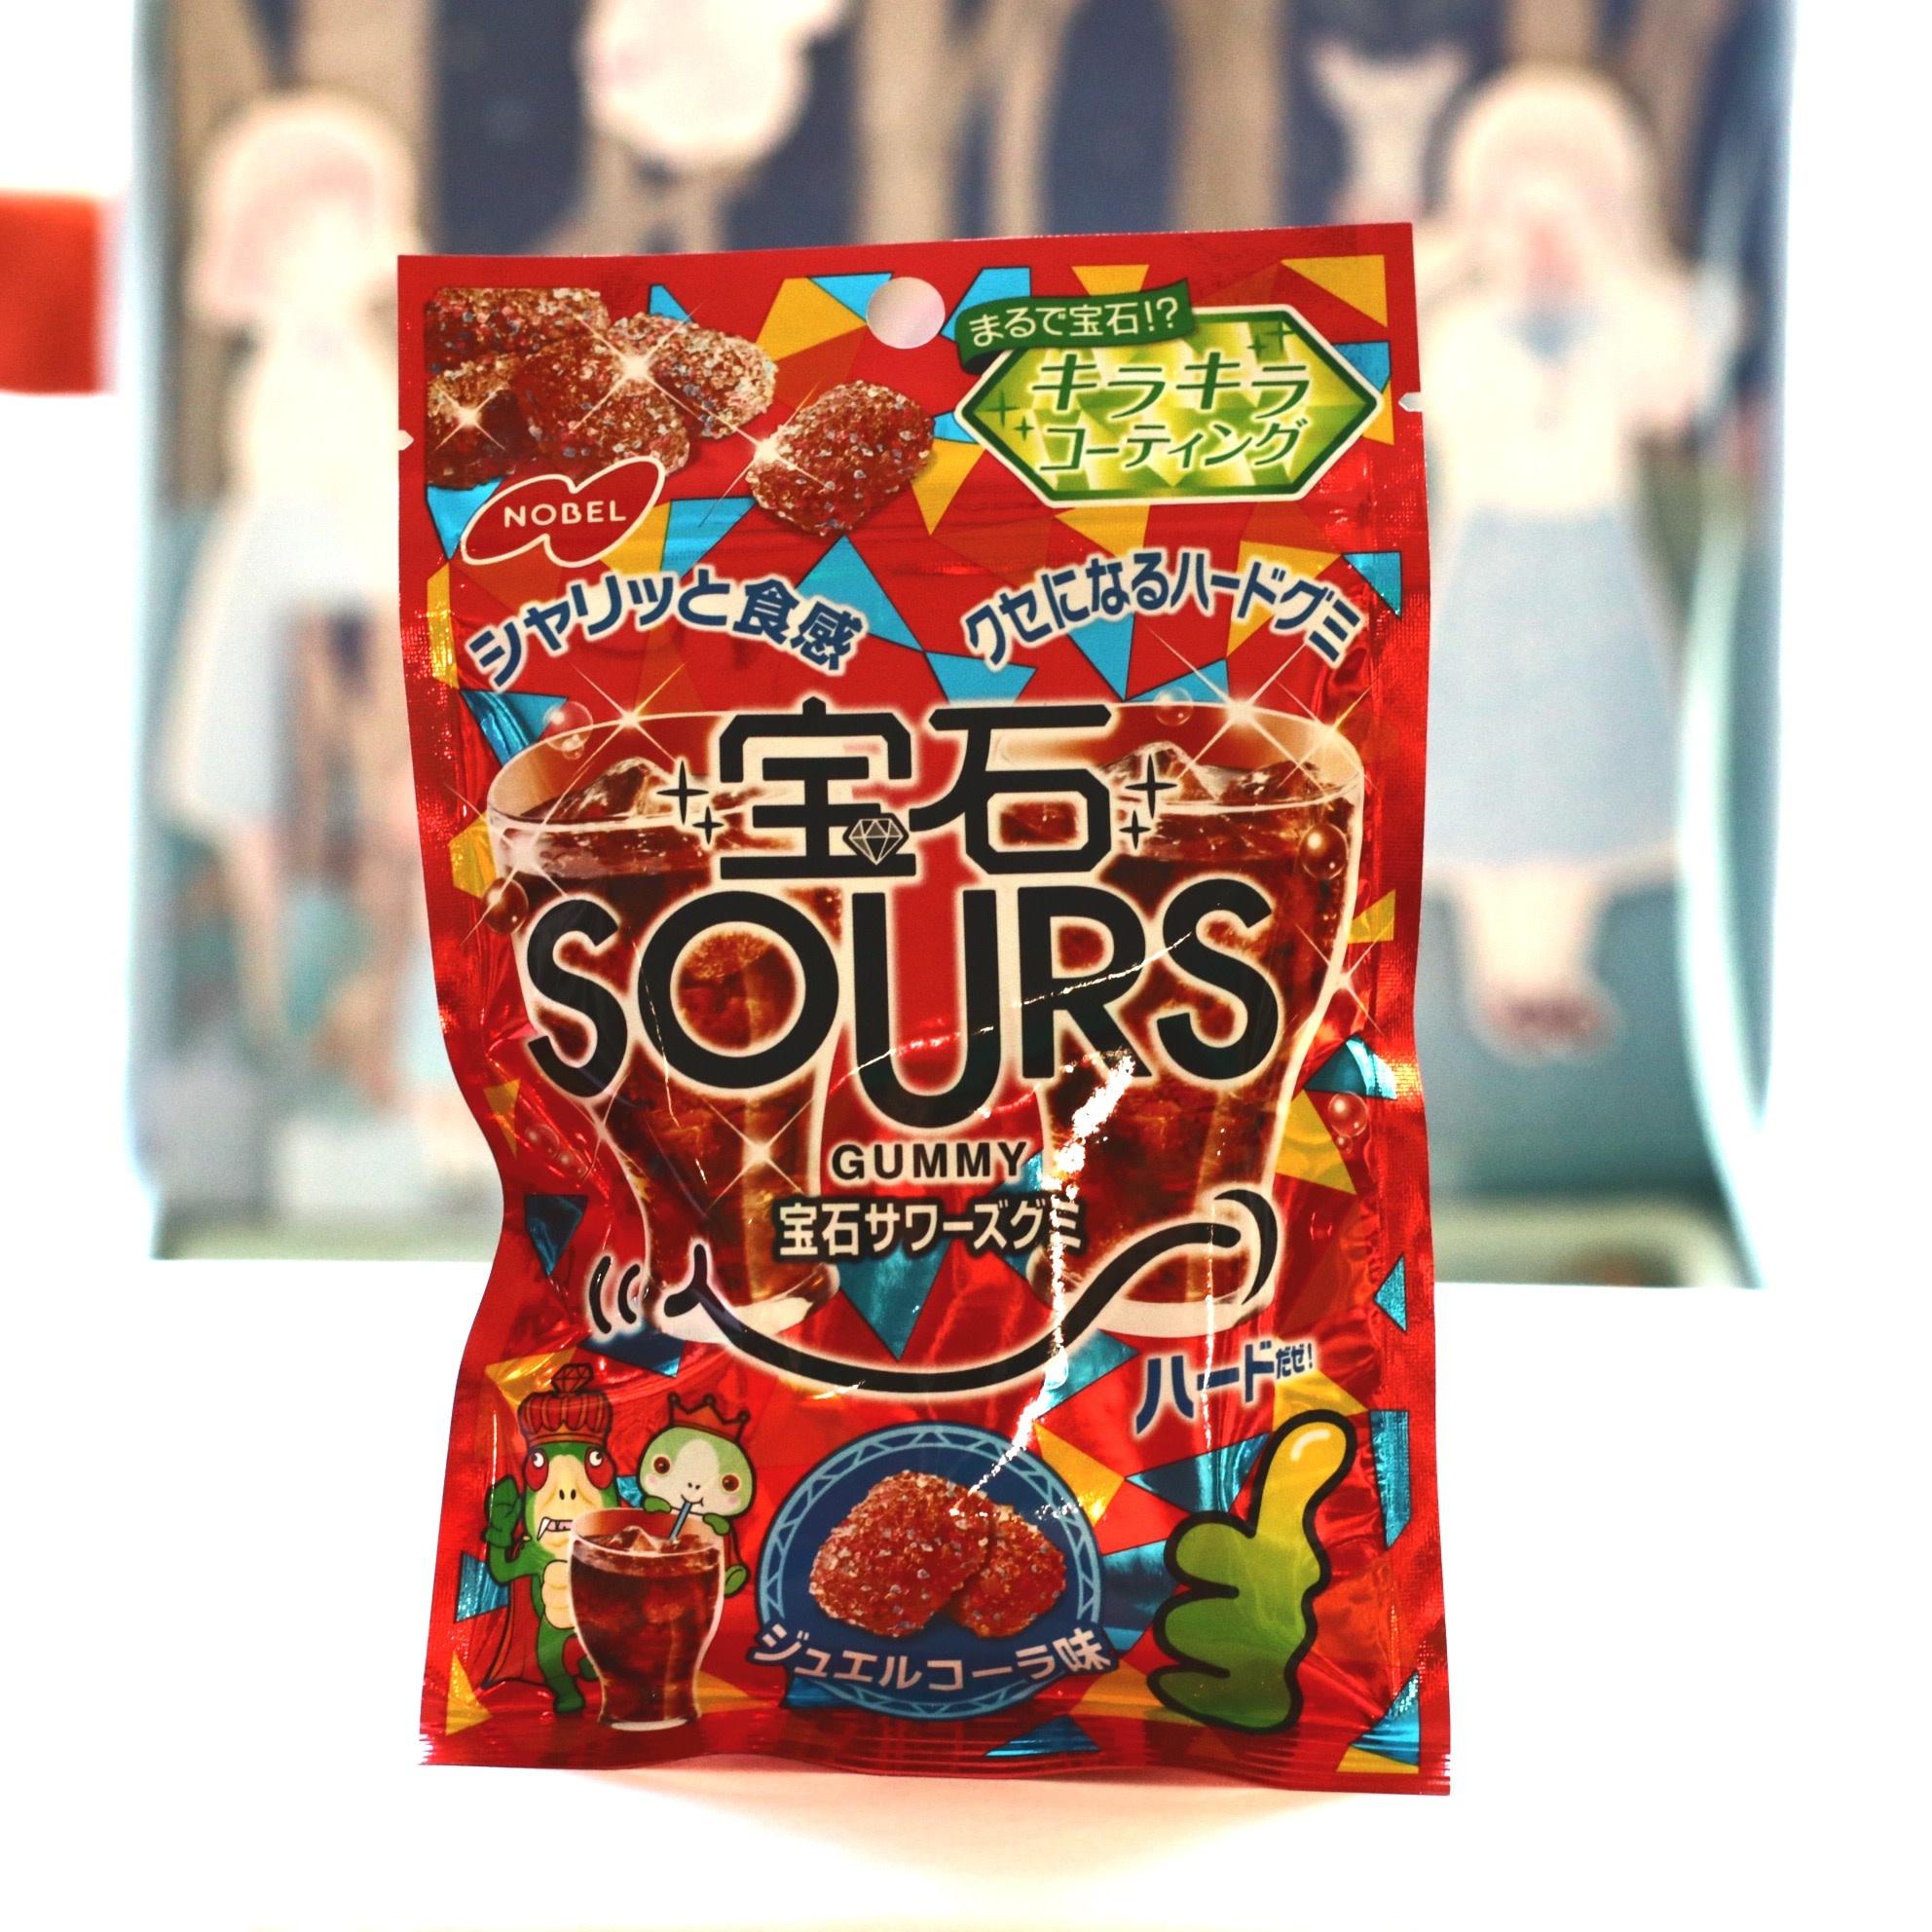 Nobel Nobel Jewels Cola Gummy